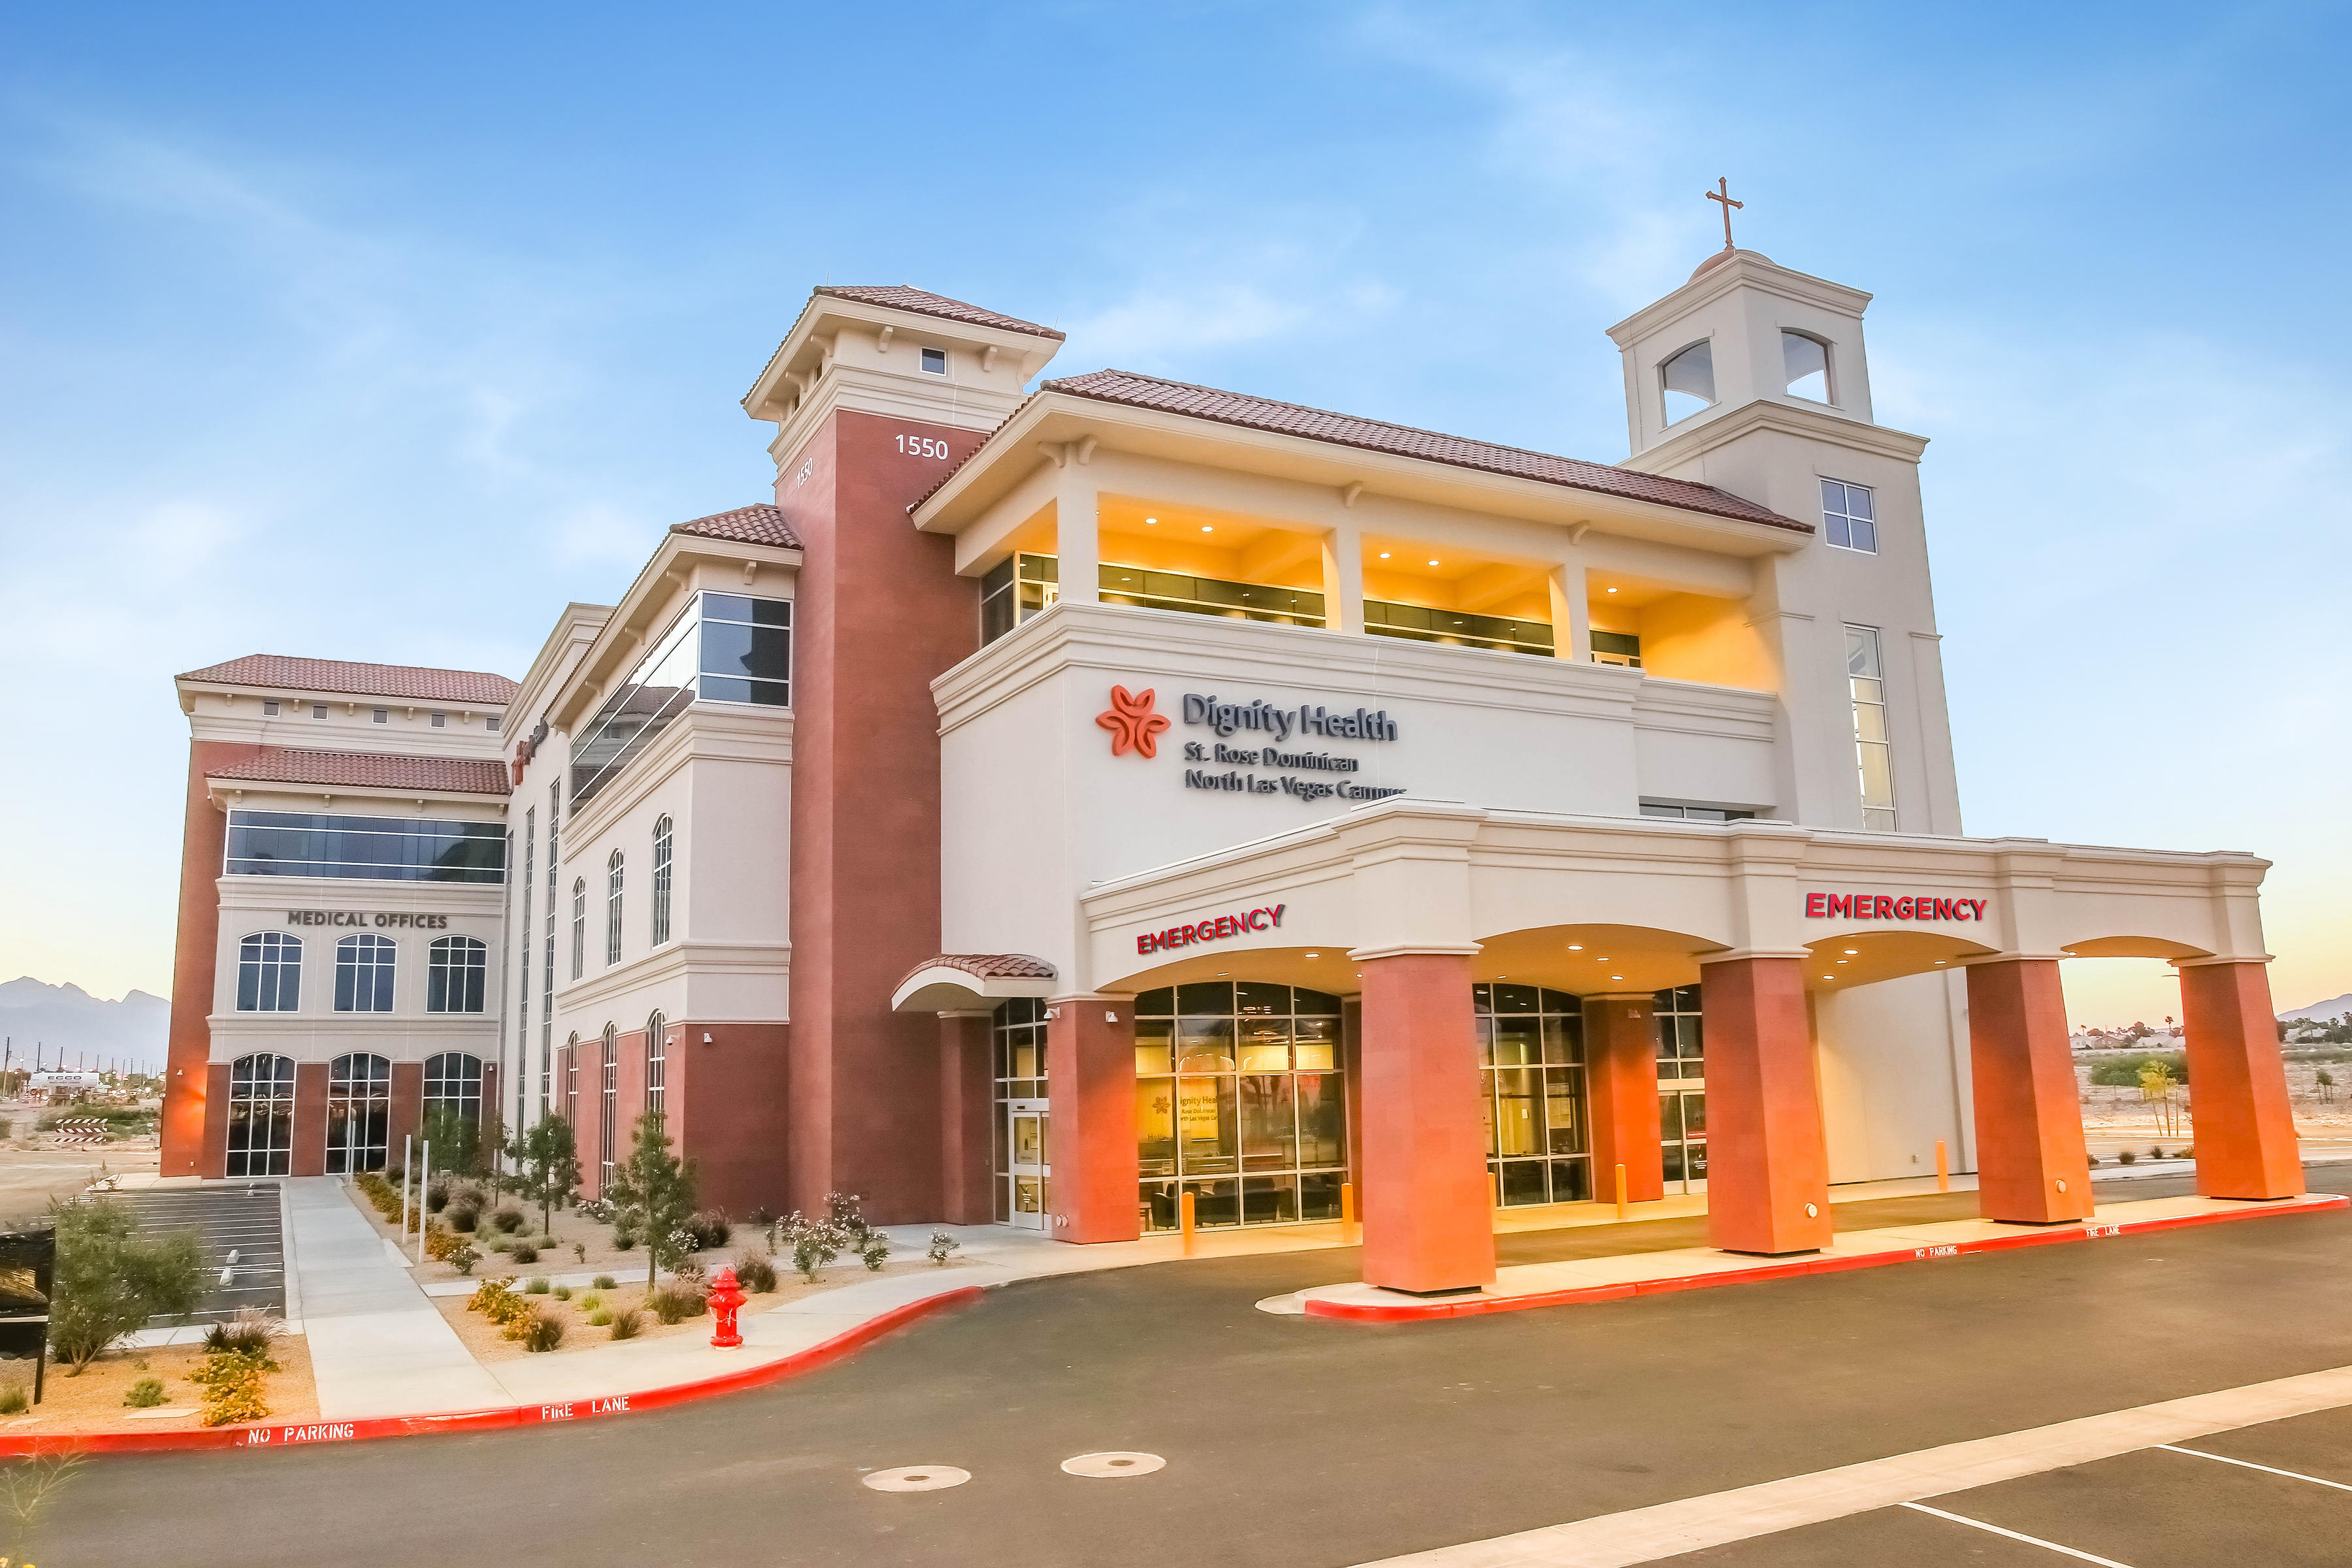 St. Rose Dominican, North Las Vegas Campus